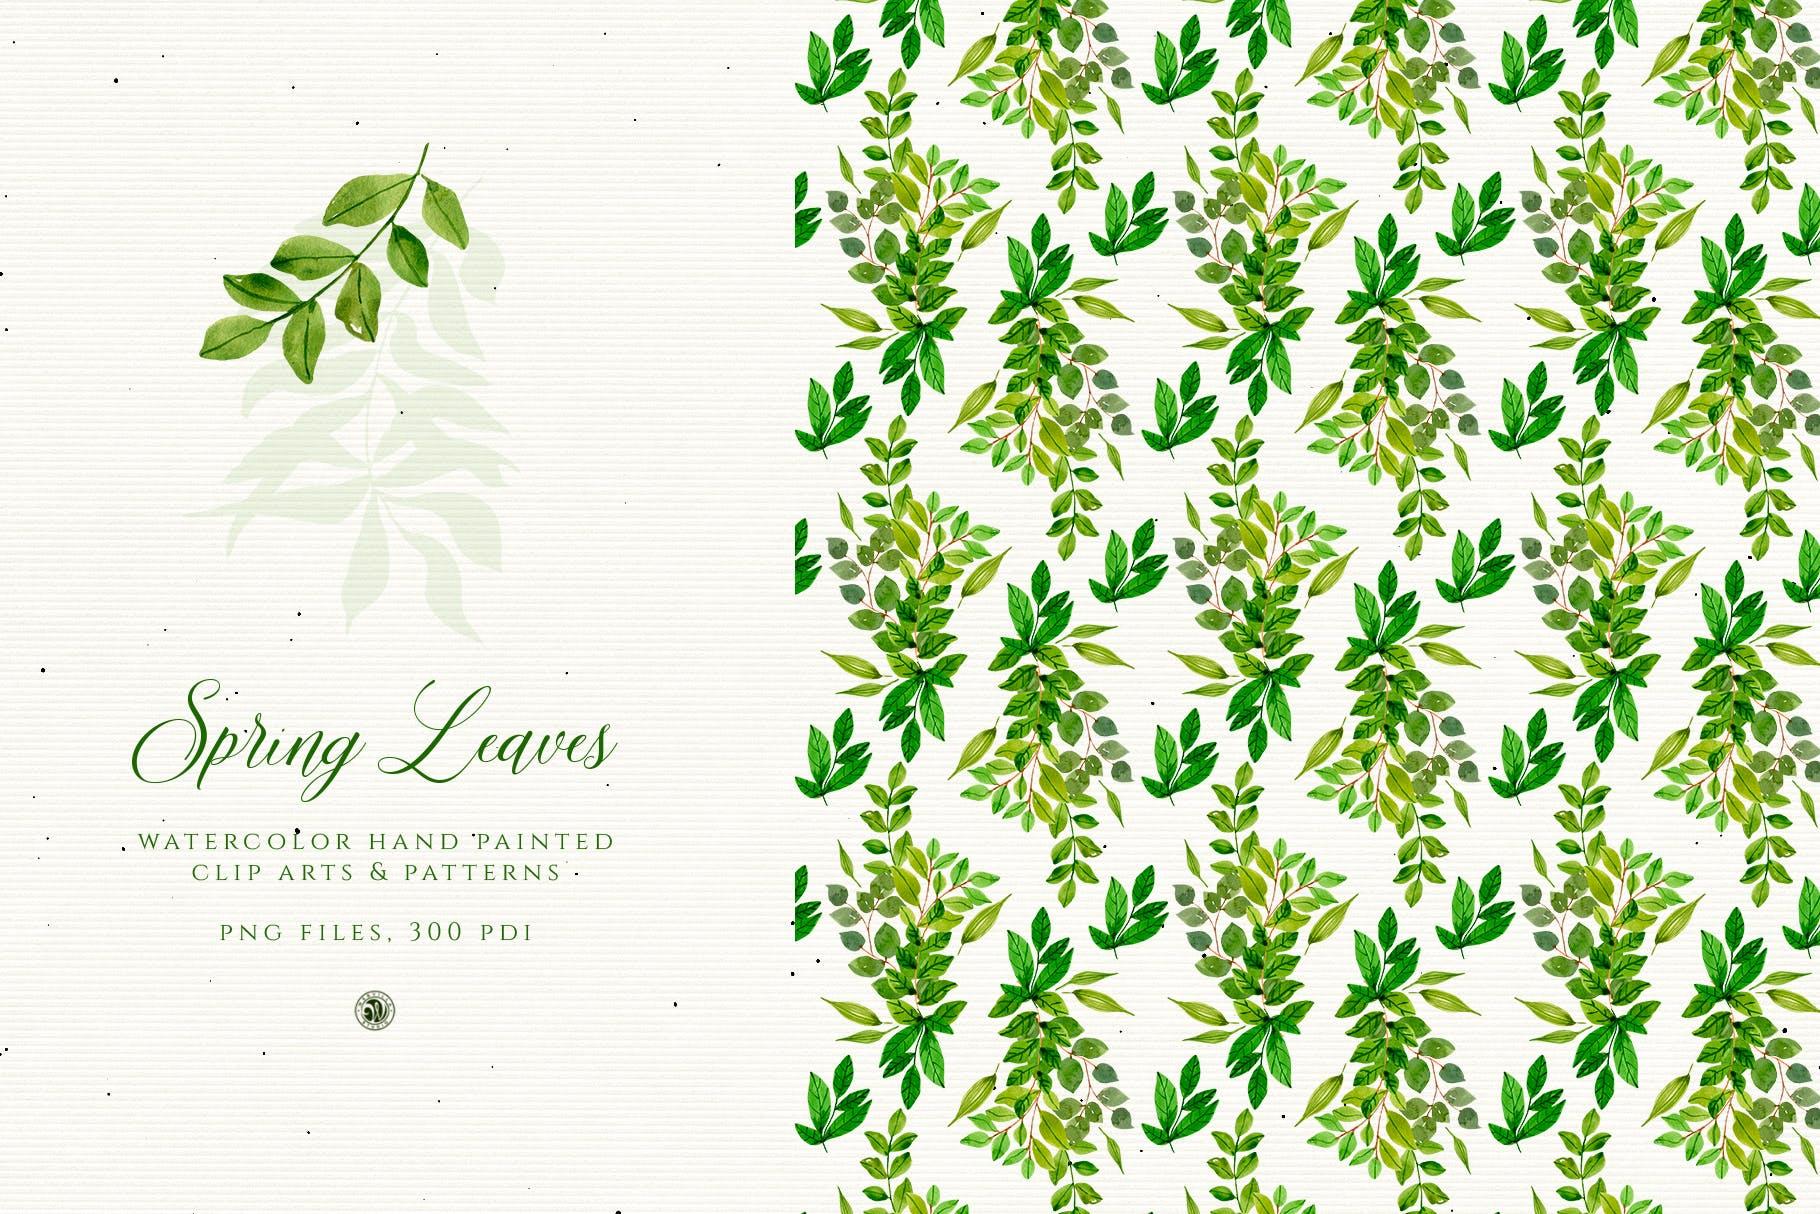 春叶手绘花卉水彩艺术矢量图案素材下载Spring Leaves插图(2)